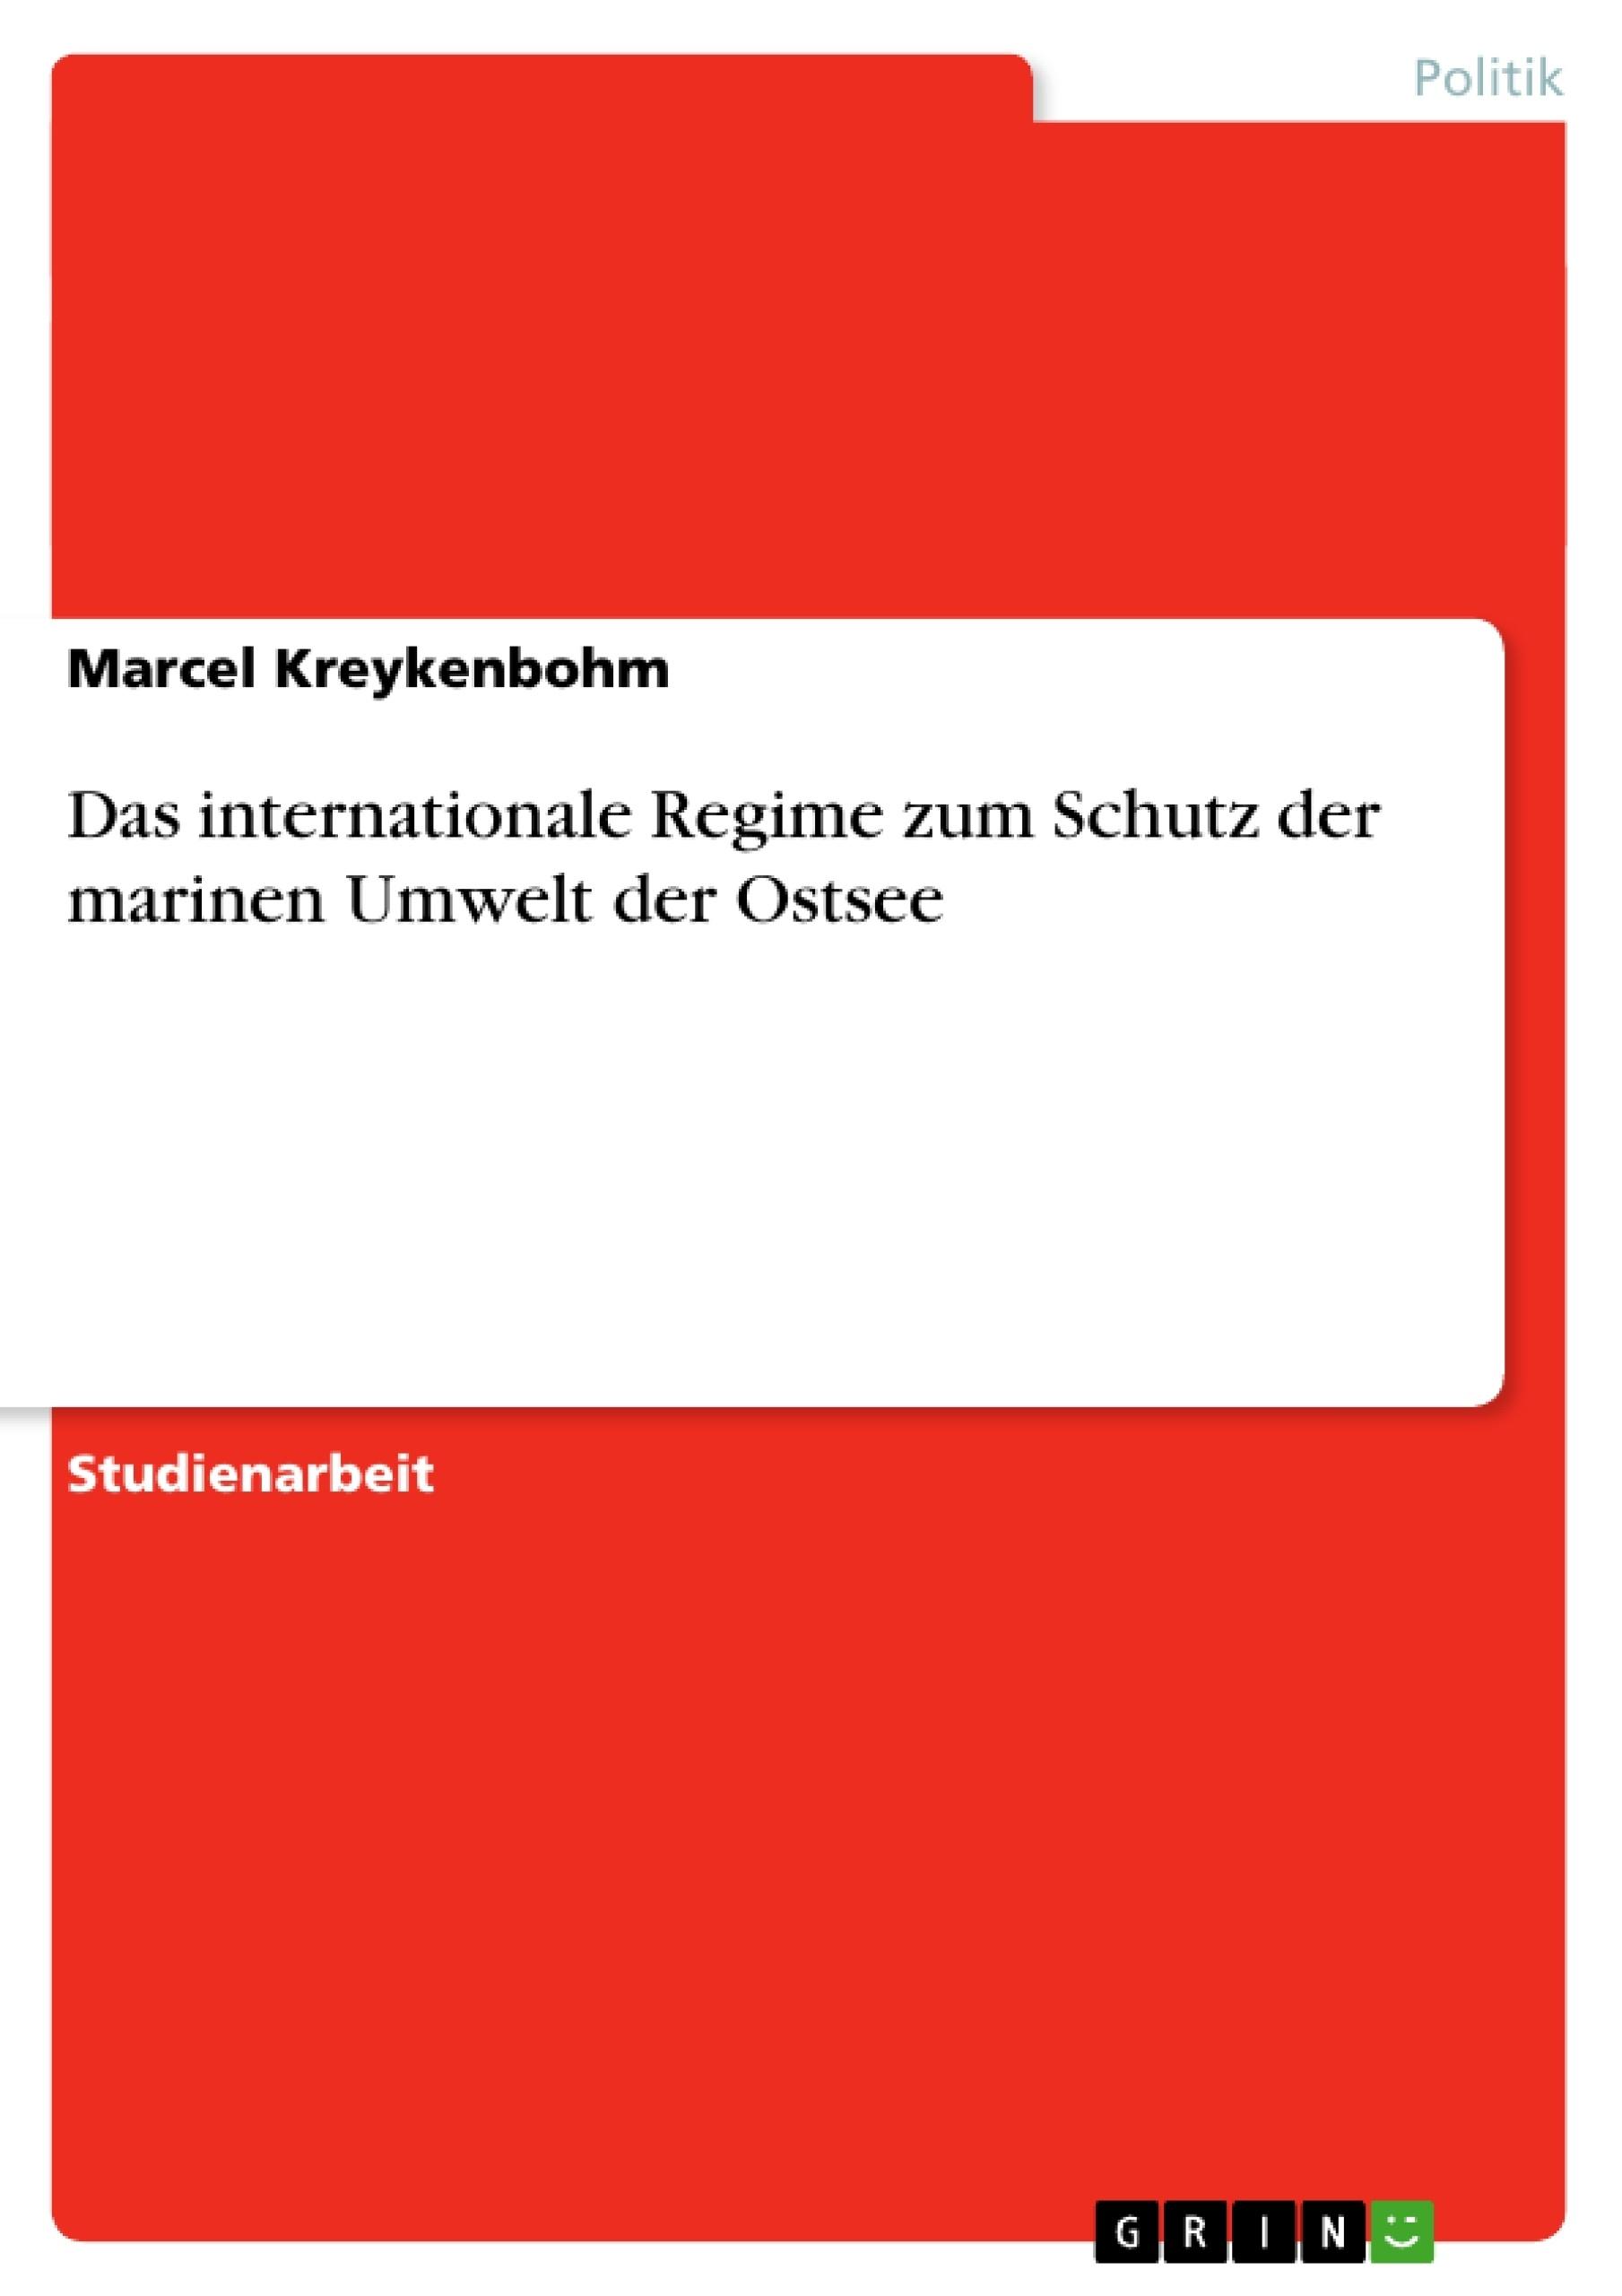 Titel: Das internationale Regime zum Schutz der marinen Umwelt der Ostsee